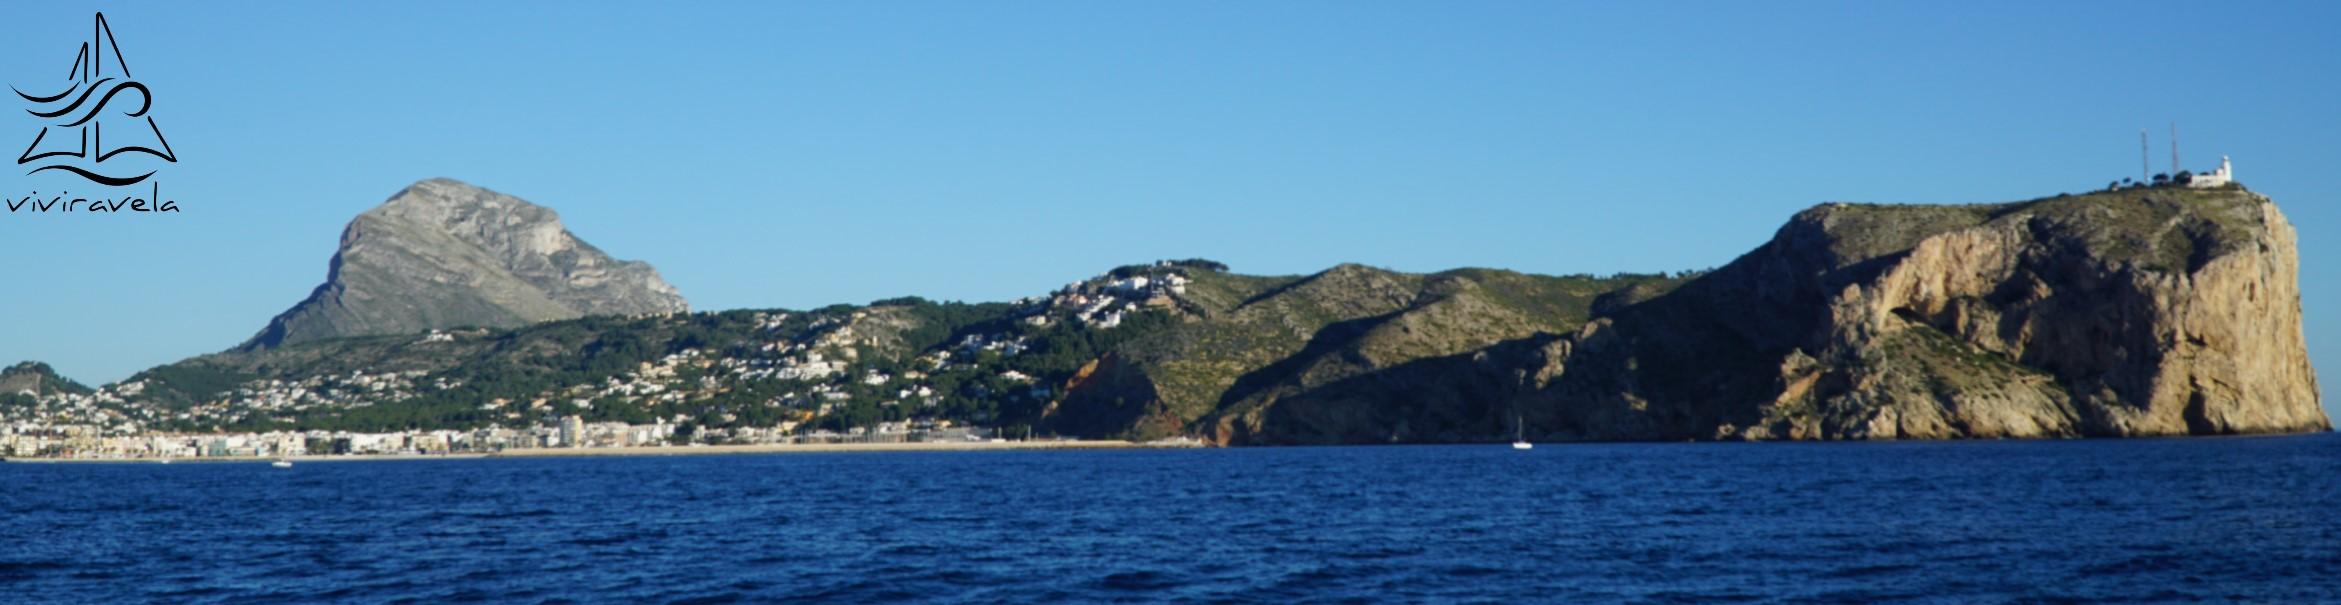 Cap de Sant Antonio y Xabia desde el mar